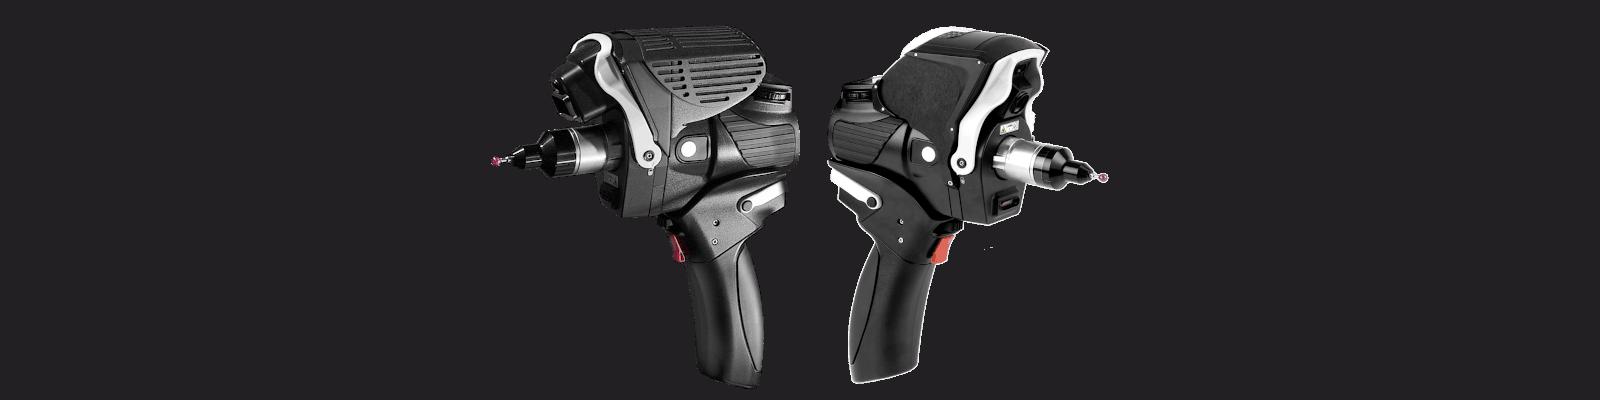 Сканеры для рук